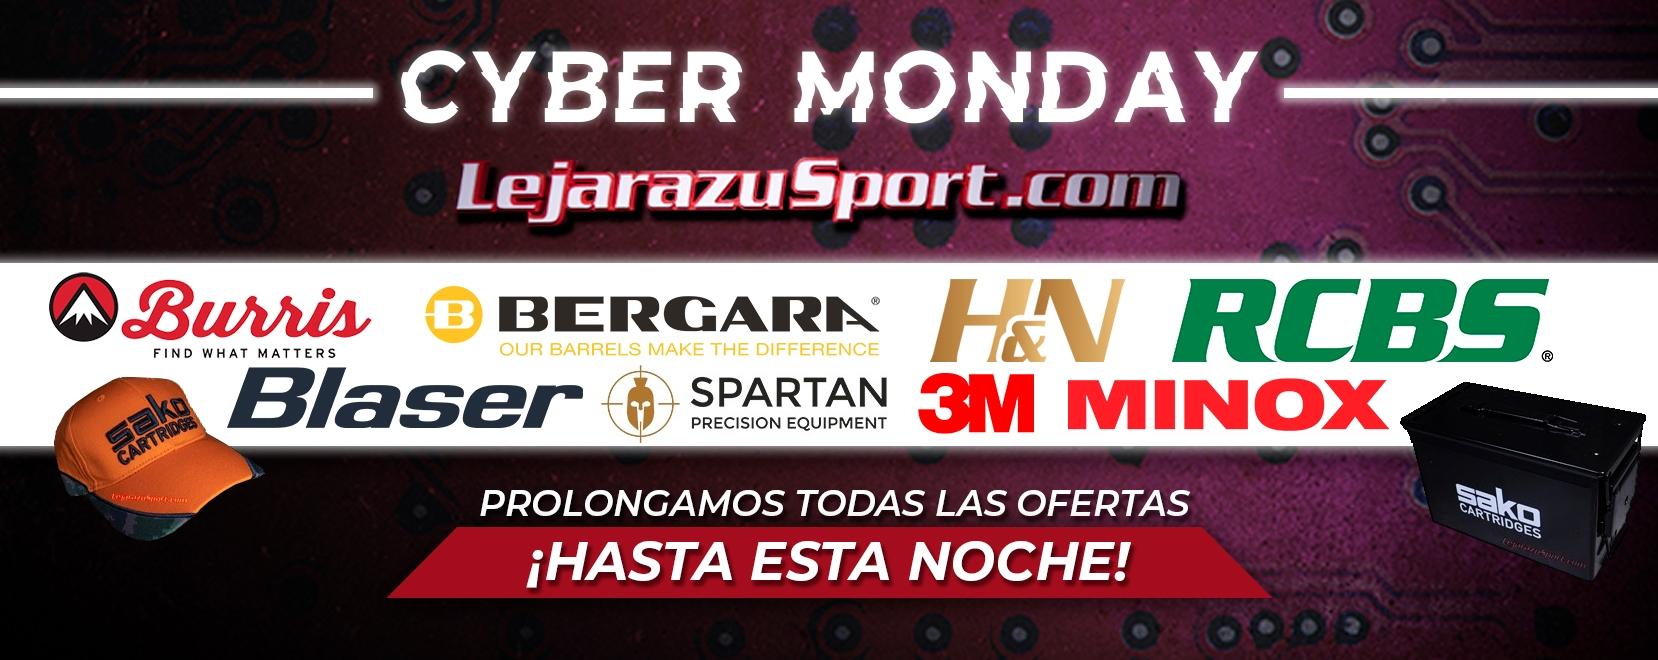 Alargamos las ofertas por el Cyber Monday en LejarazuSport.com